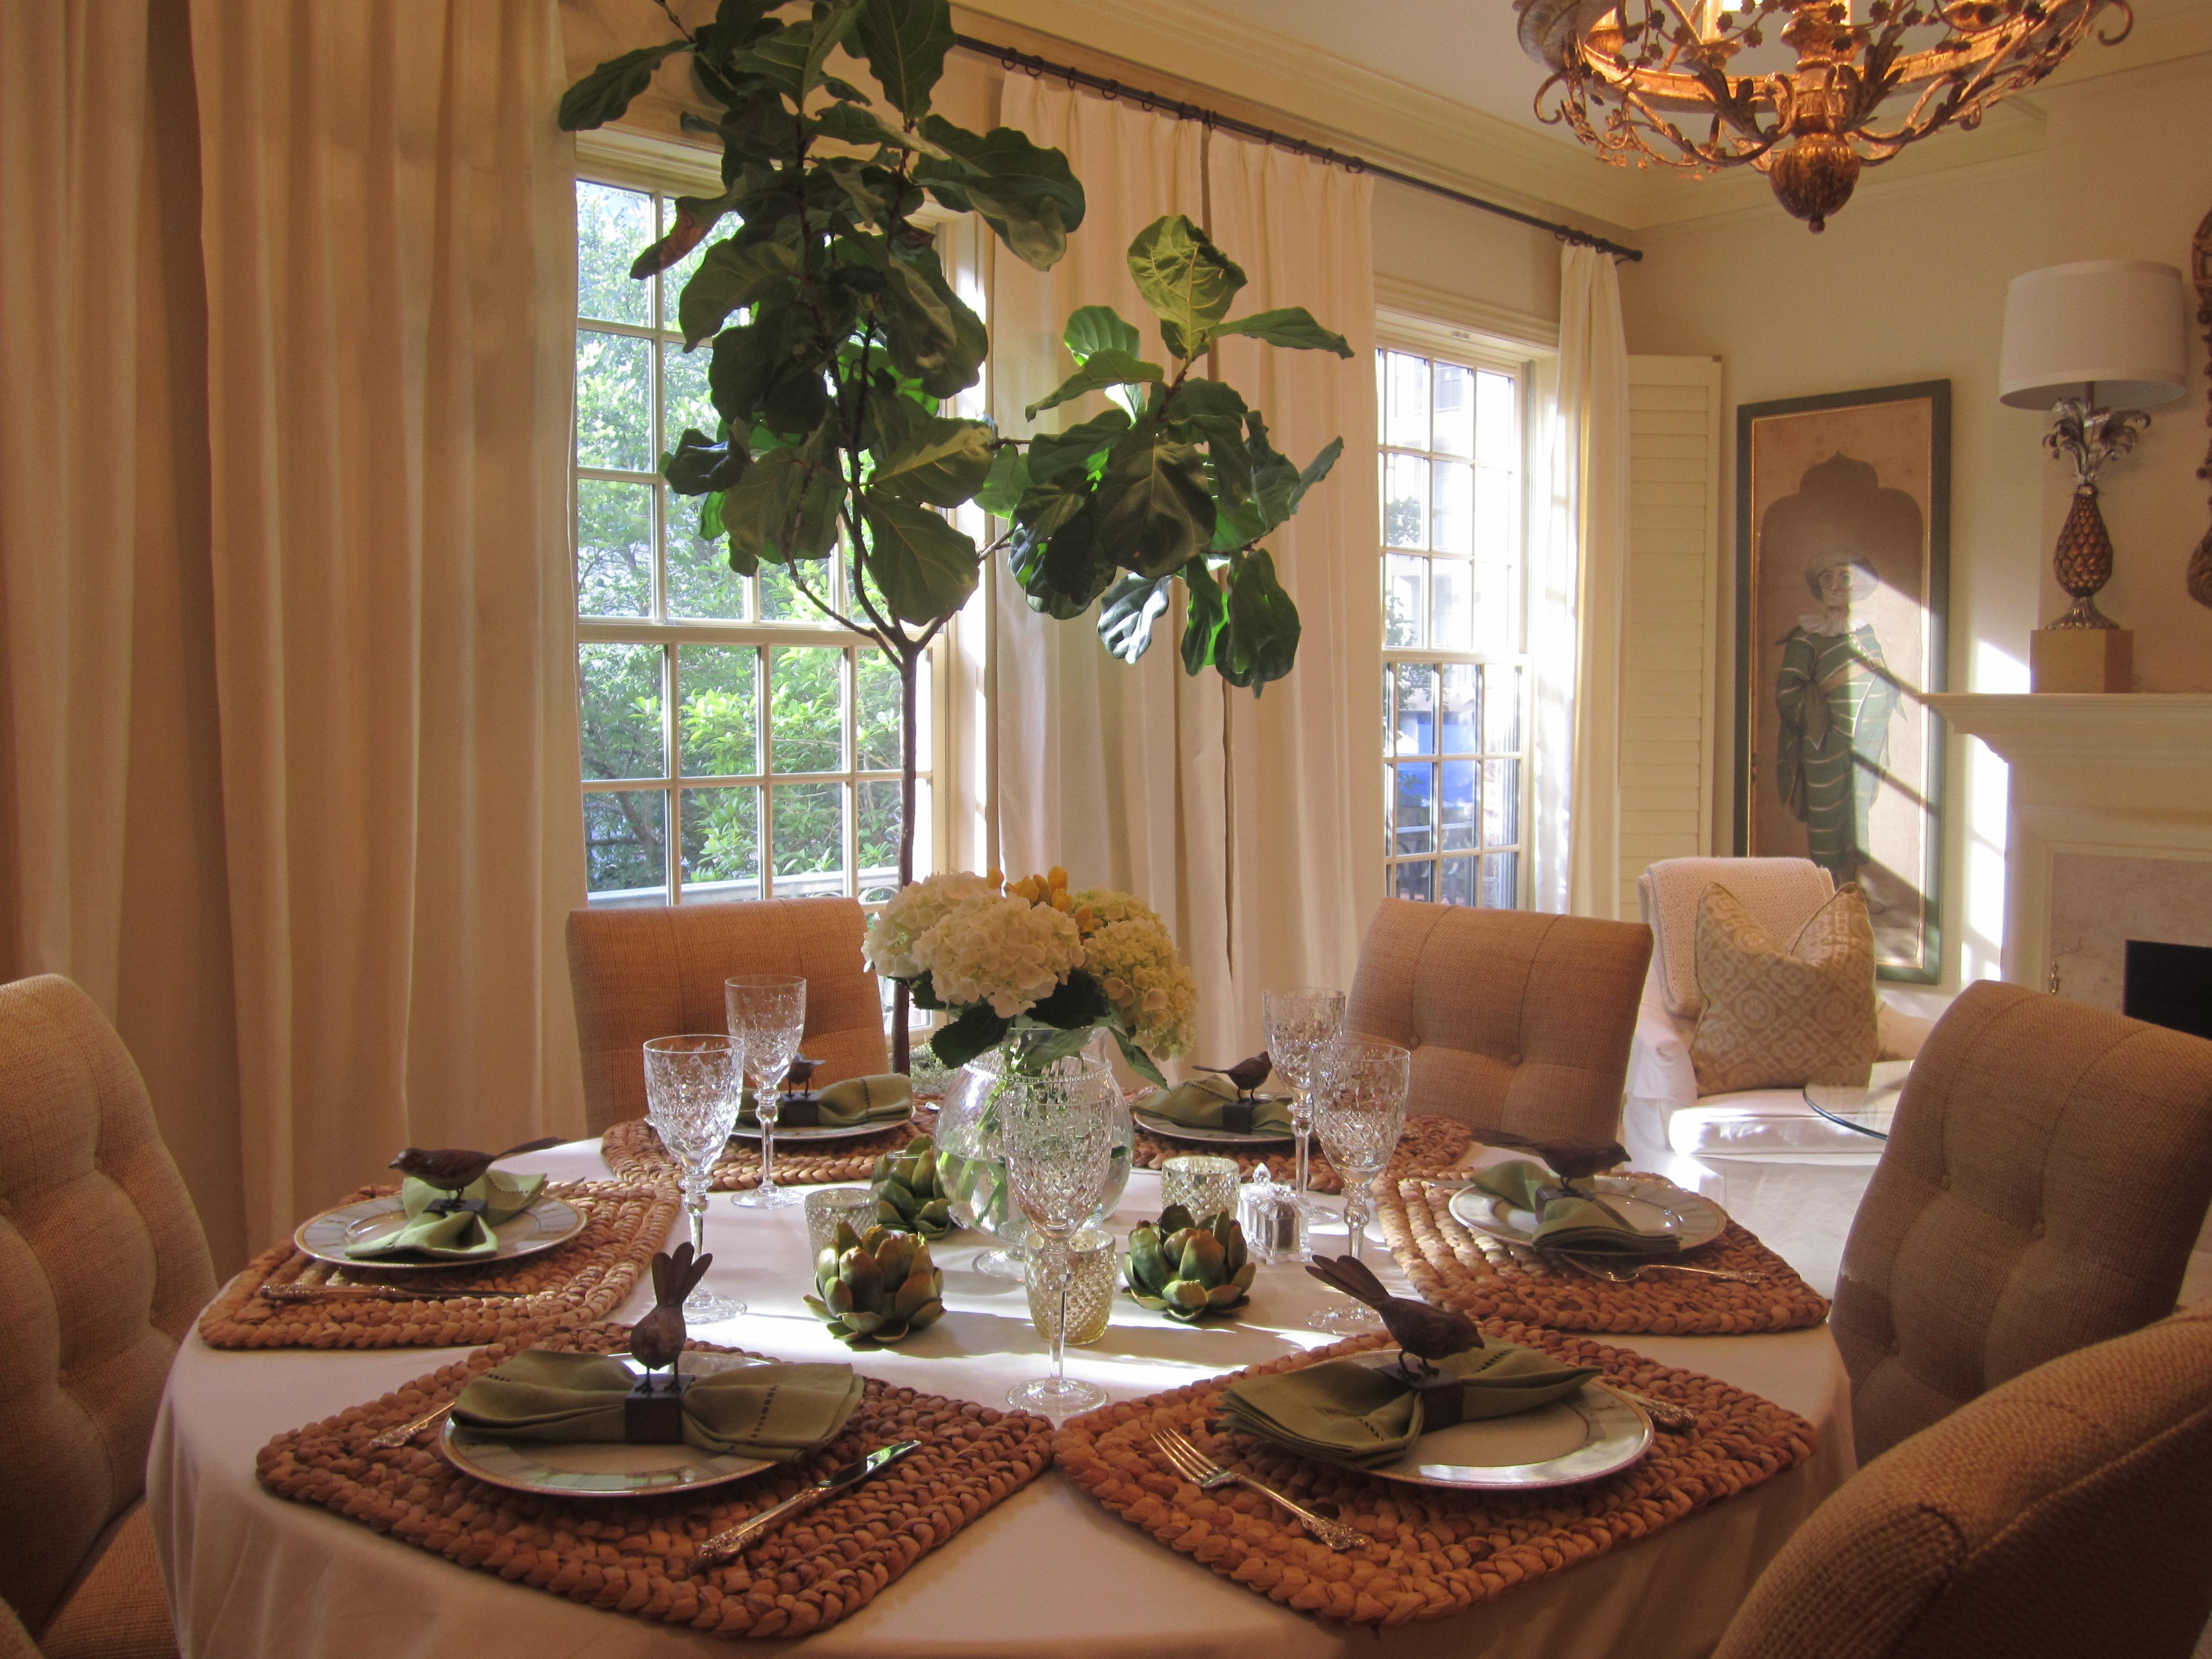 dining room june 2012 001.JPG